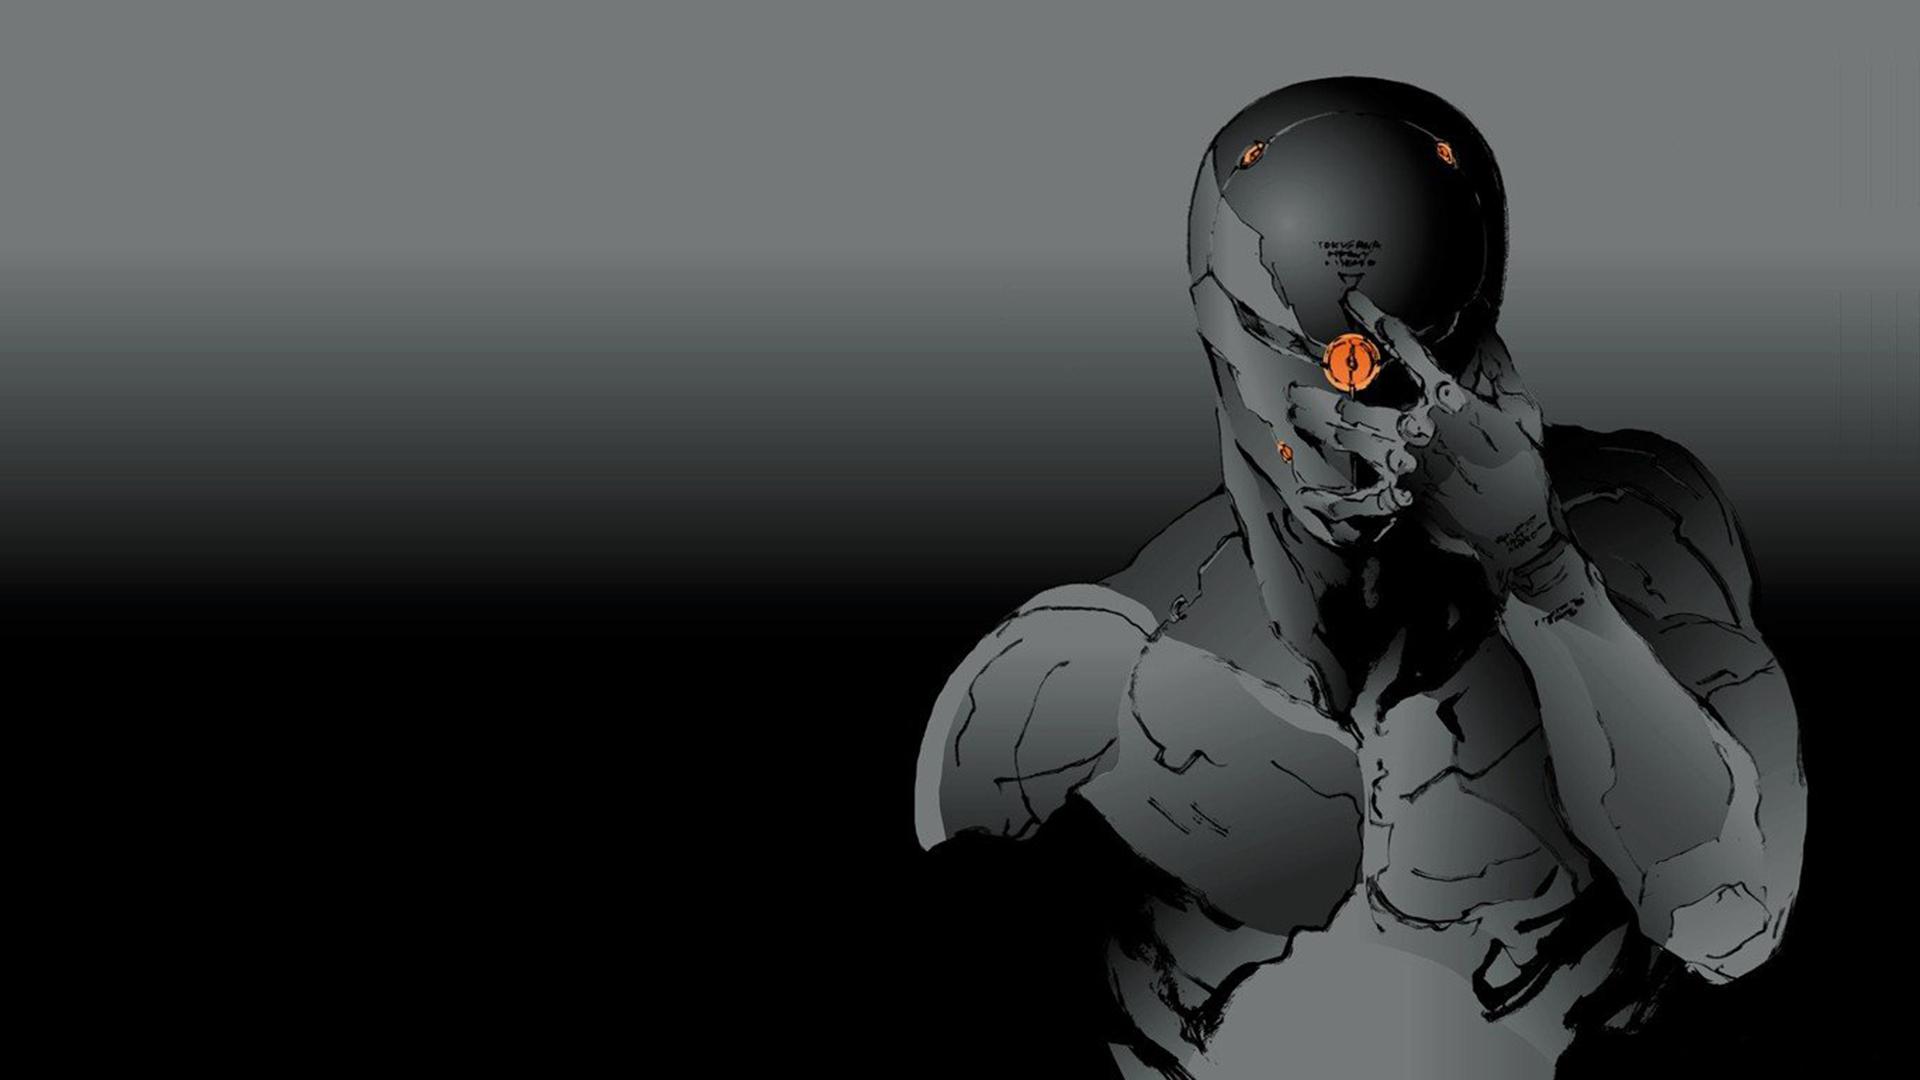 Image Metal Gear Solid VR Missions Wallpaperjpg Metal Gear